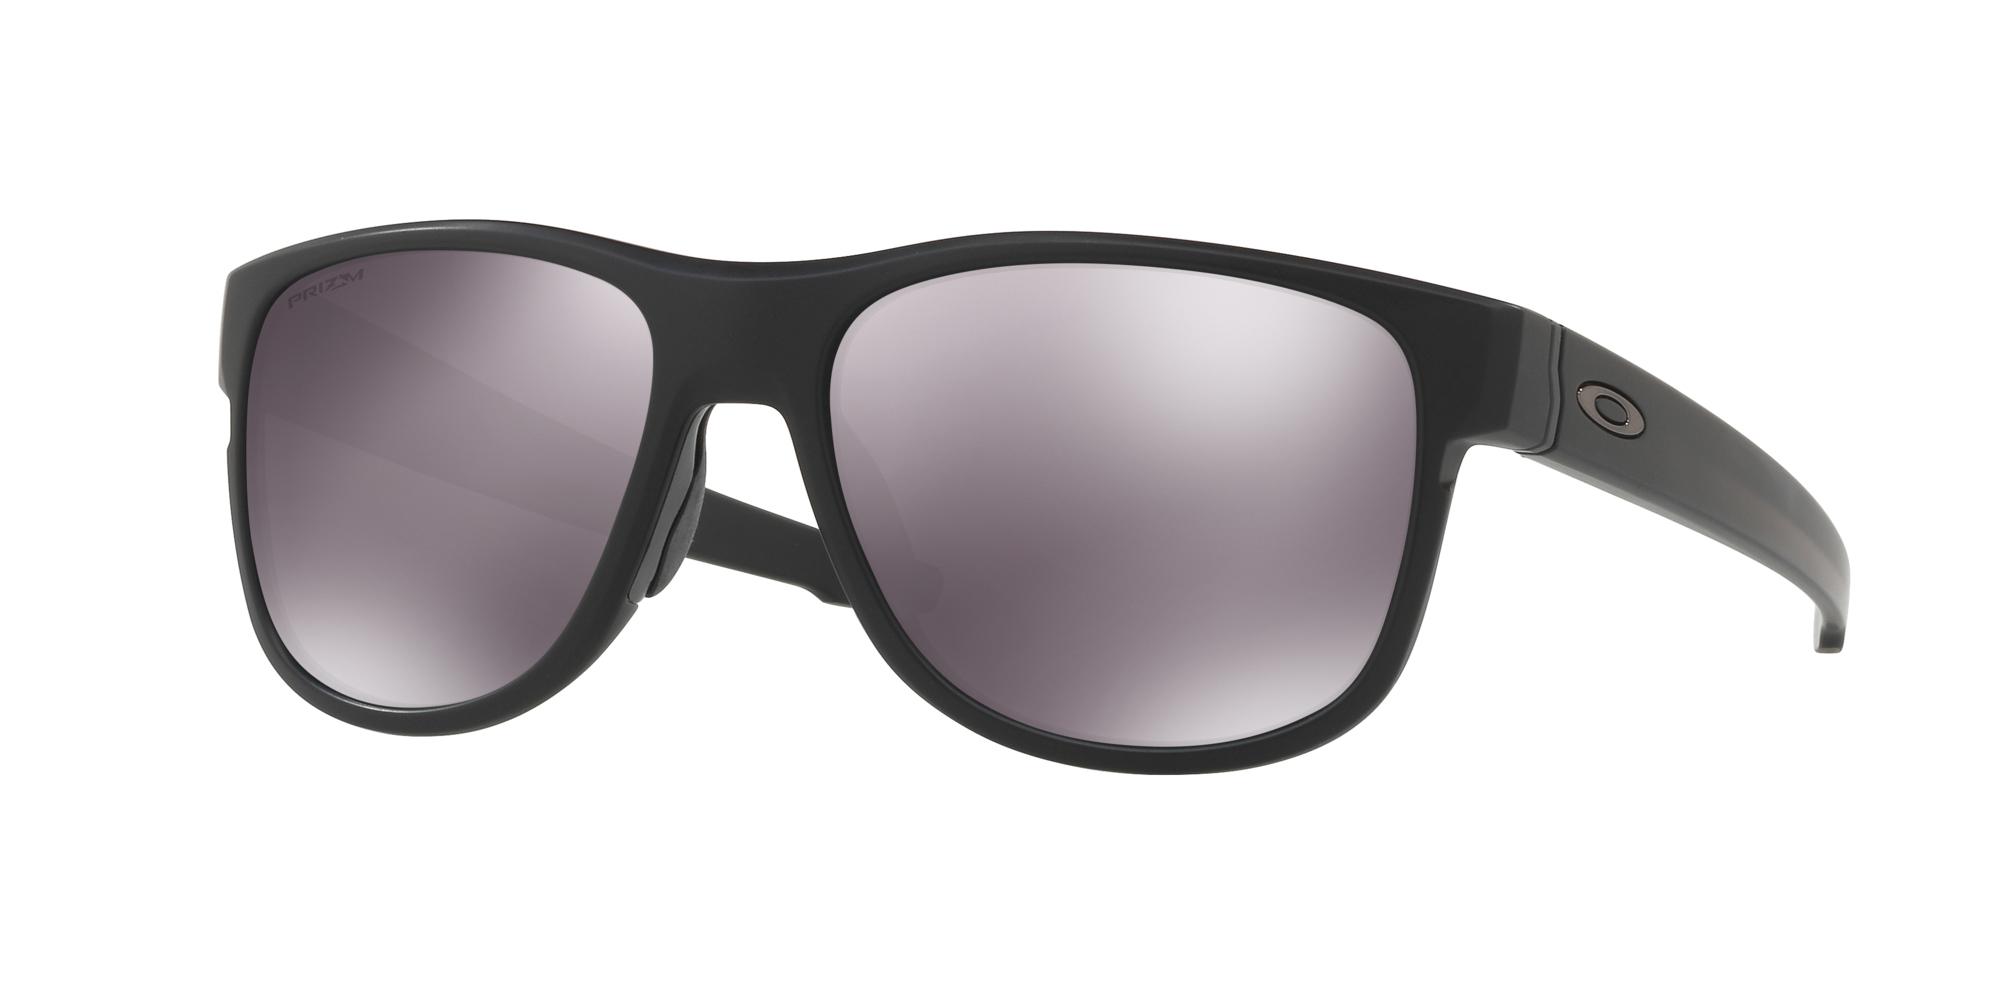 Oakley Sonnenbrille 0OO935957935902 bei ROTTLER